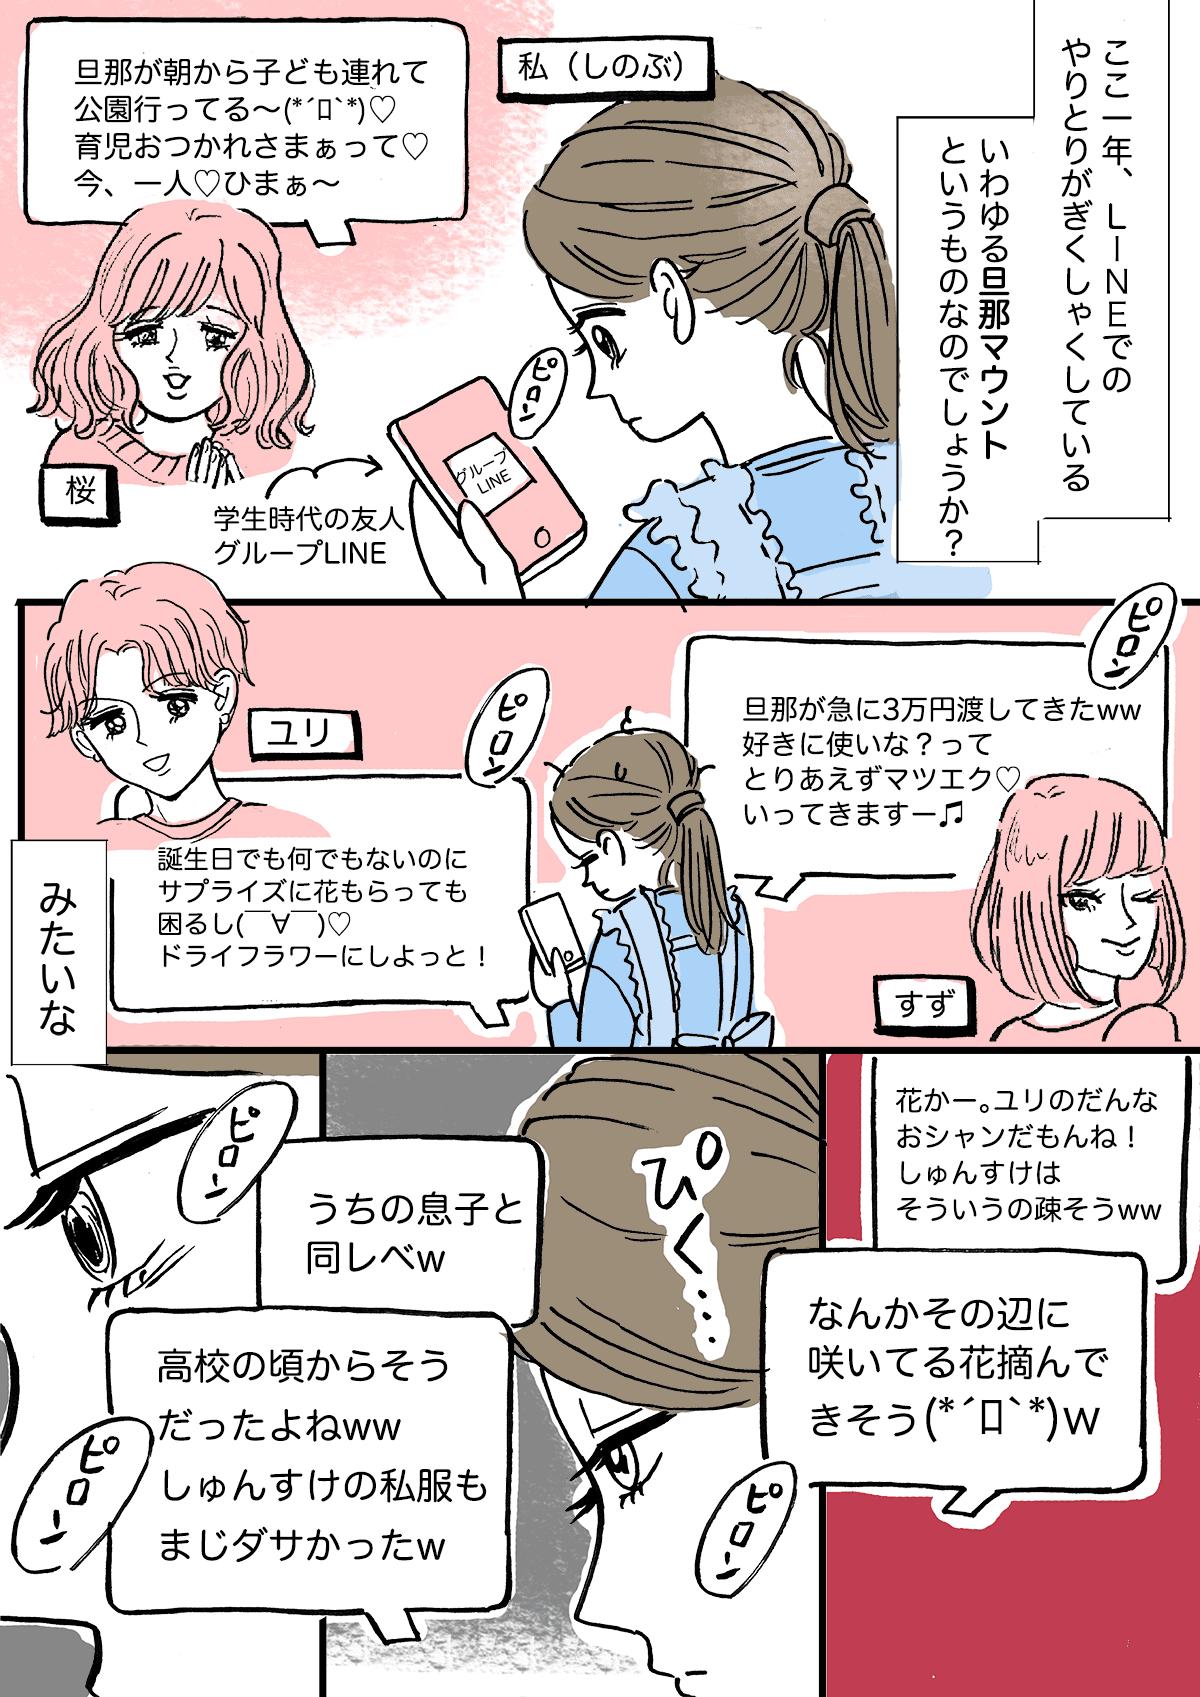 「同級生たちの旦那マウント1」1 (1)